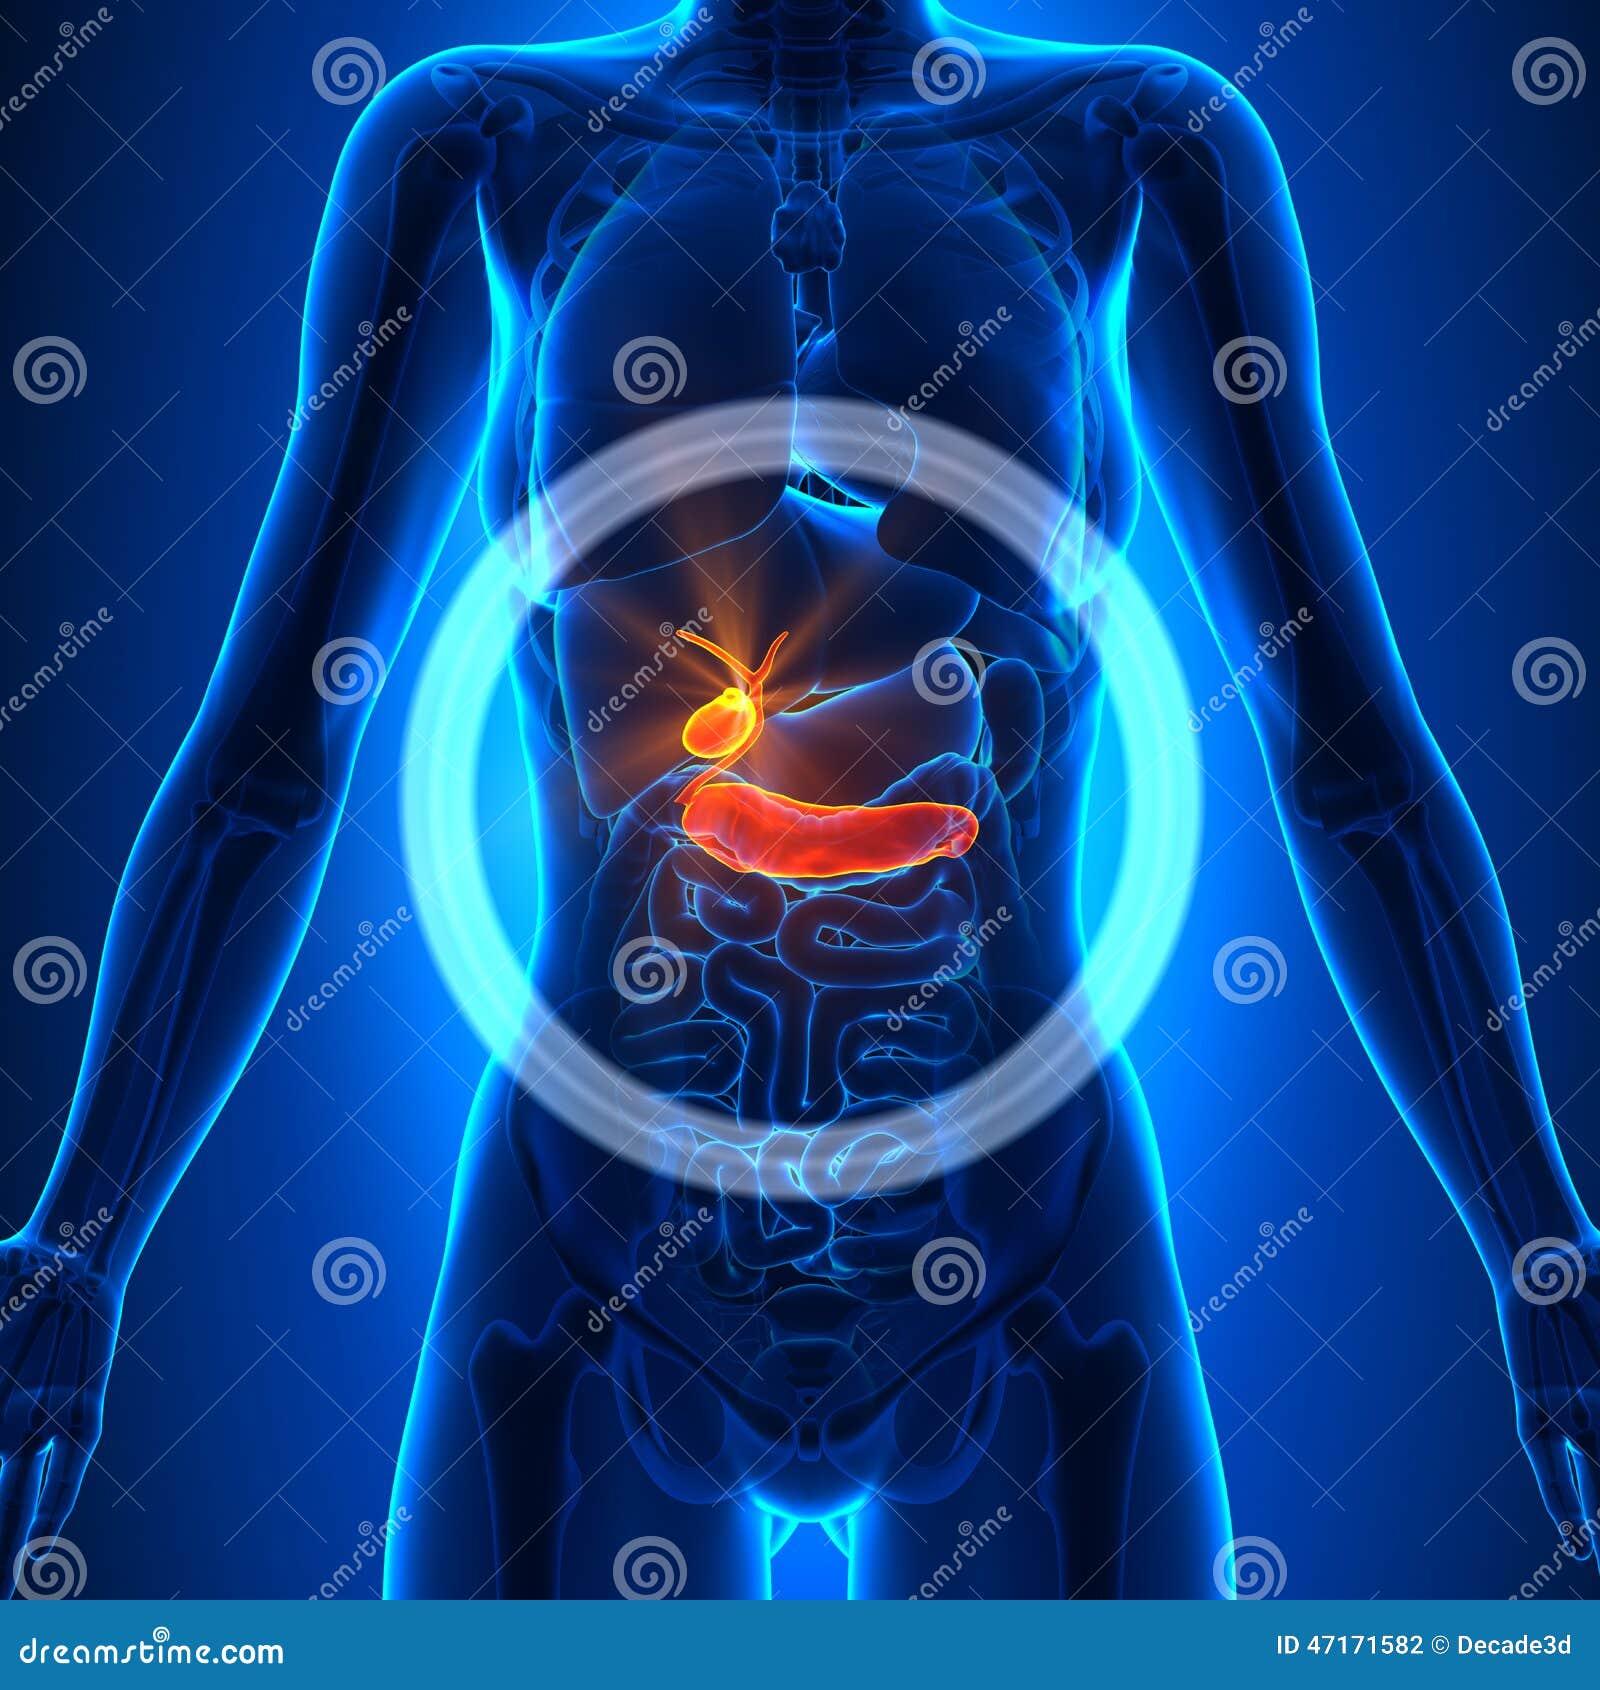 Gallbladder / Pancreas - Female Organs - Human Anatomy Stock ...